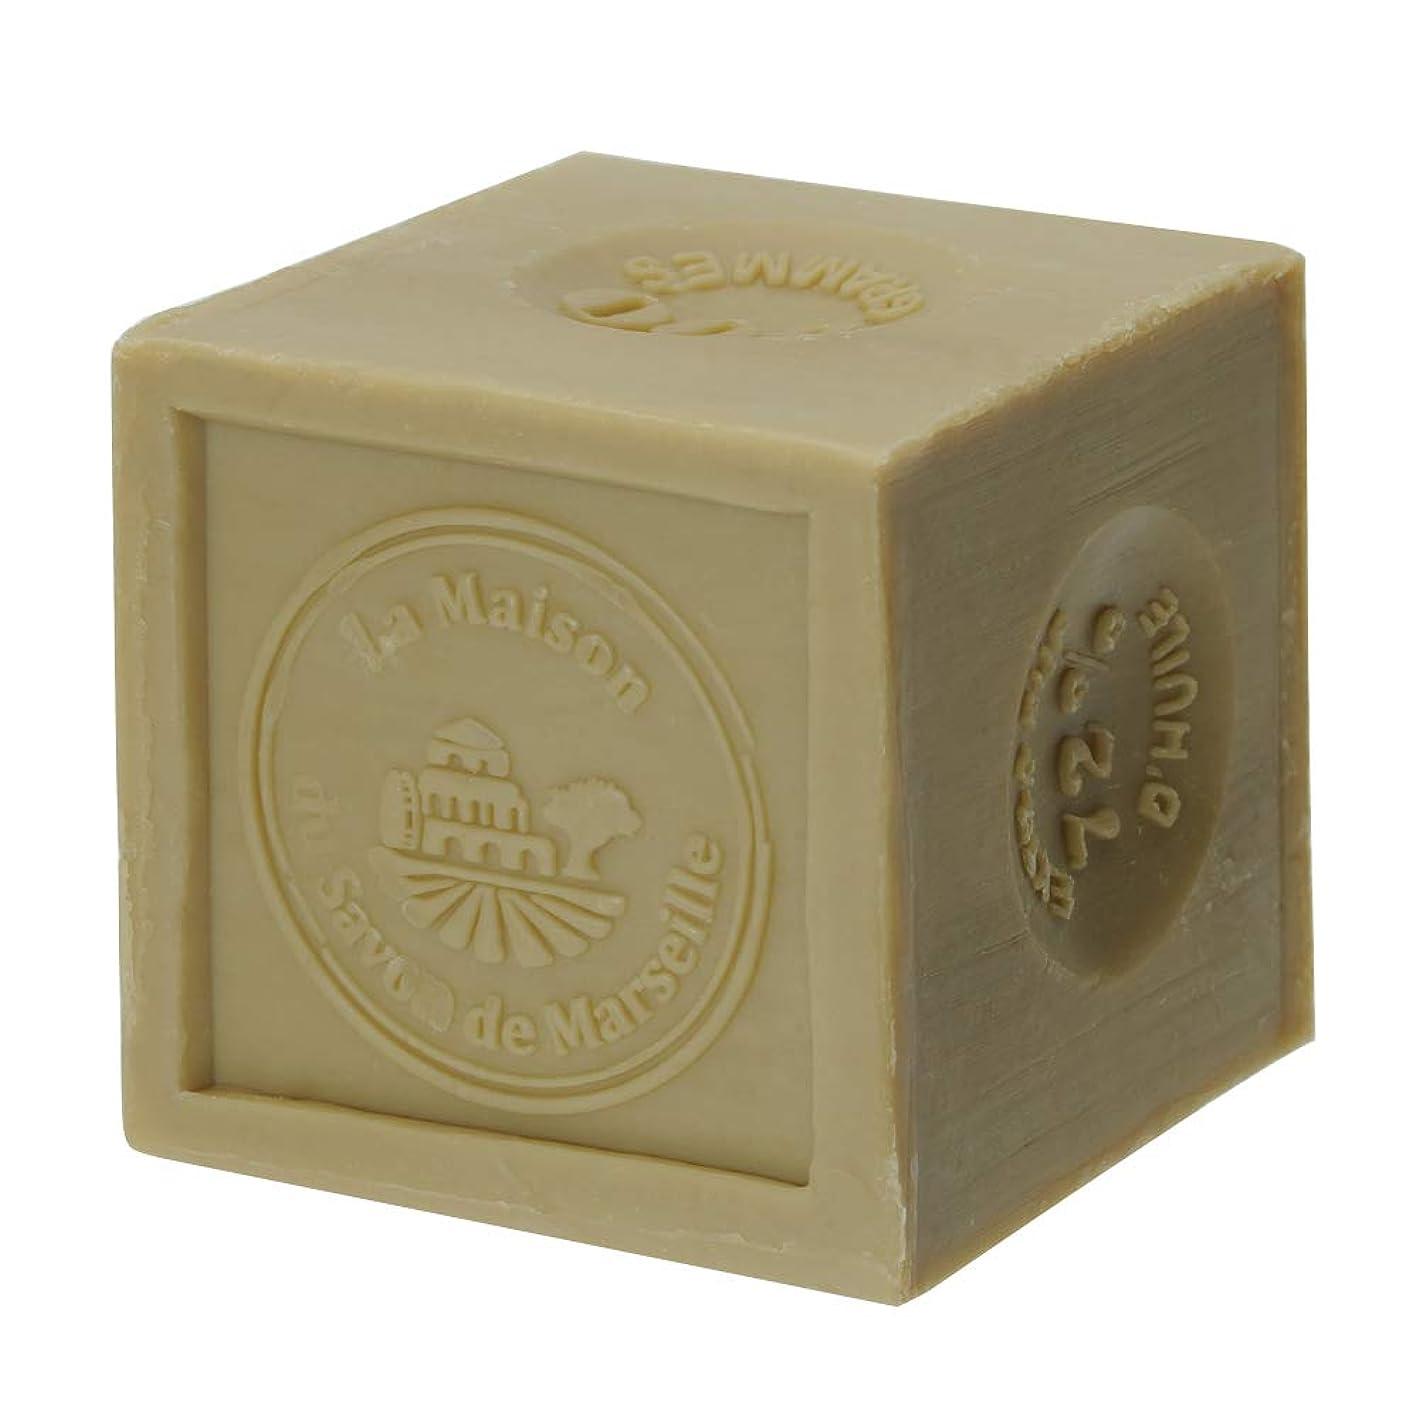 乳浮く明らかにするノルコーポレーション マルセイユ石鹸 オリーブ UPSM認証マーク付き 300g MLL-3-1